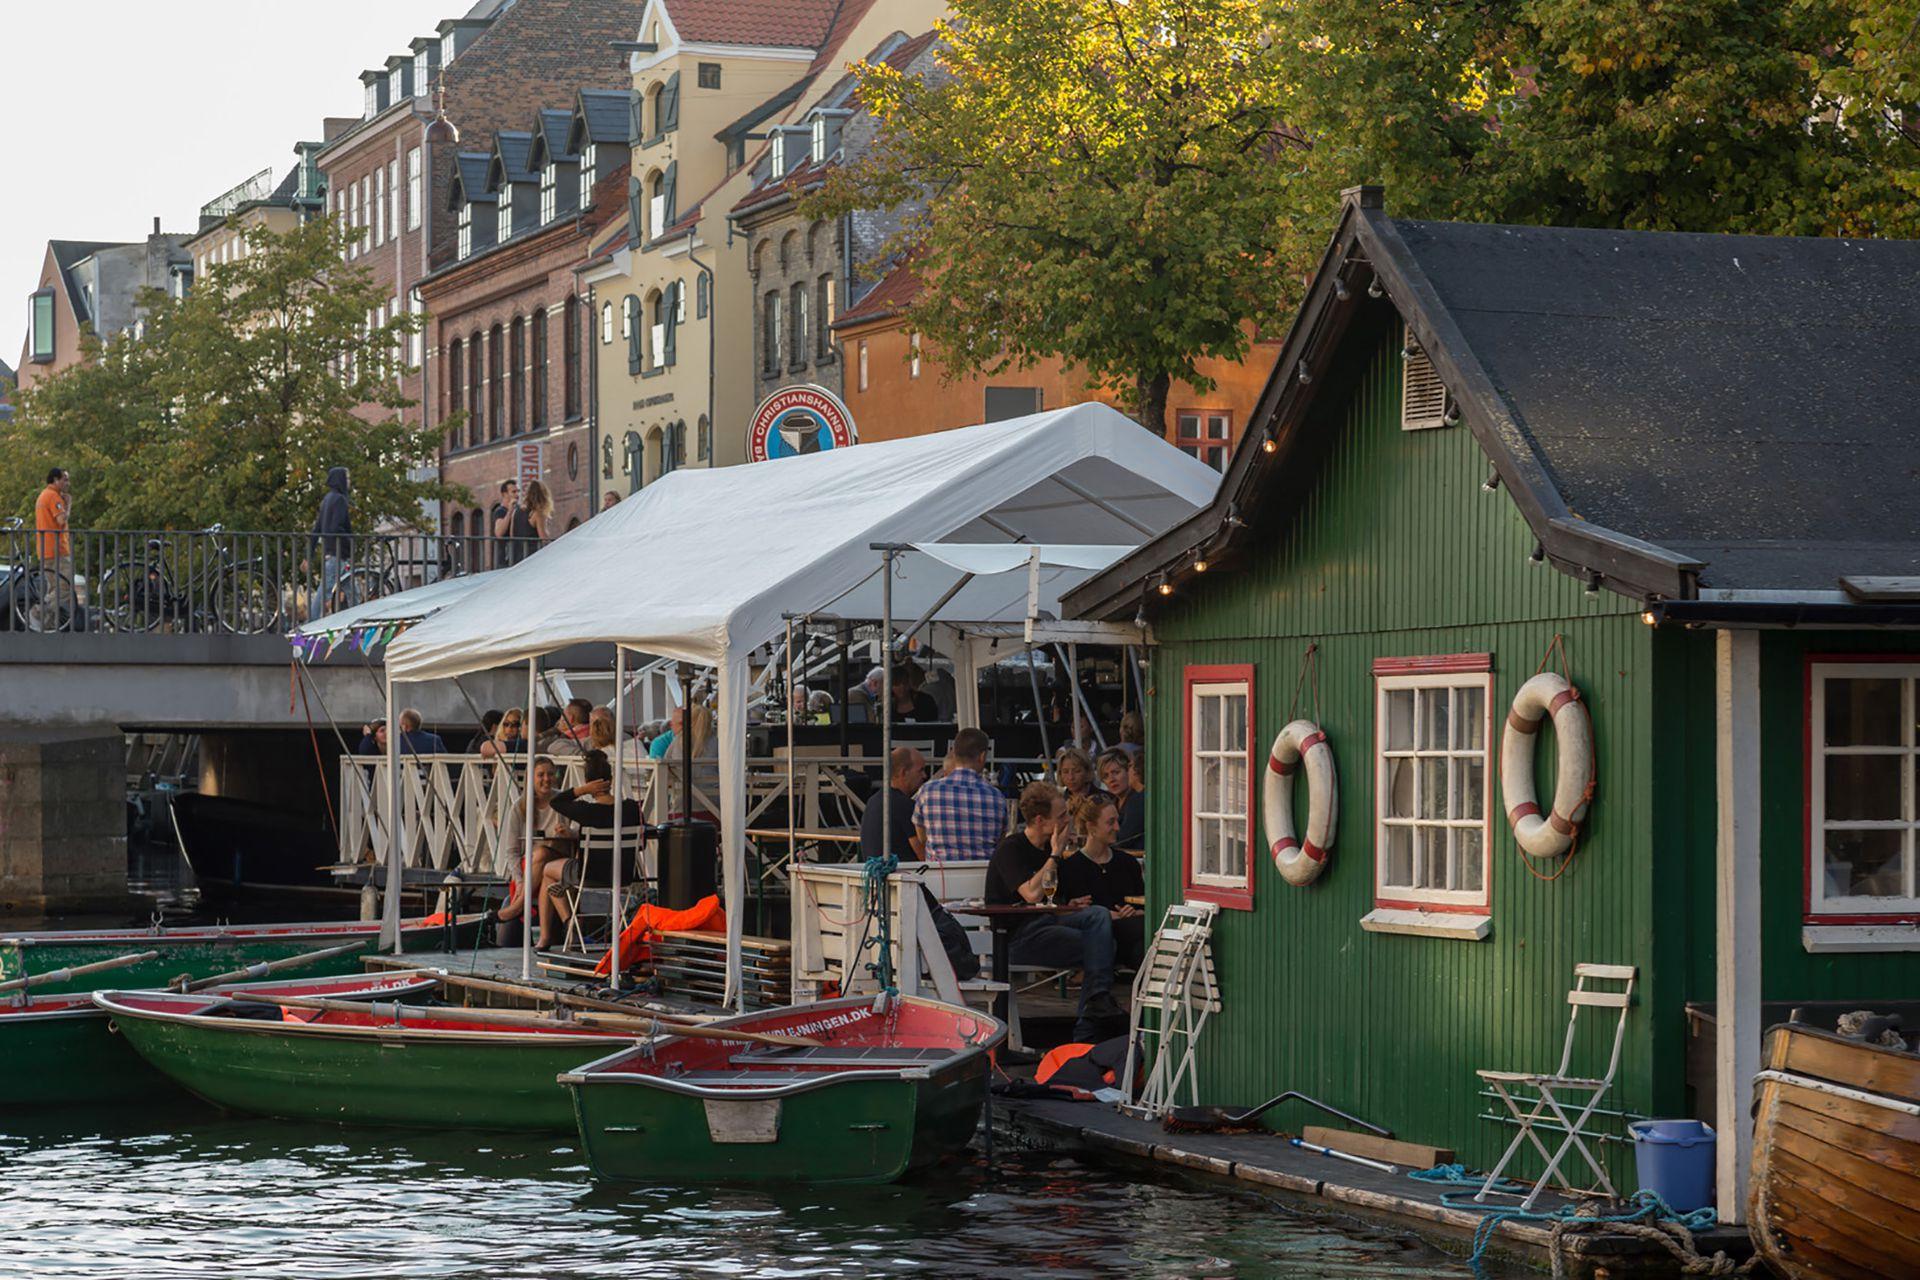 Amo mi barrio, Christianshavn, porque tiene una atmósfera única dentro de la ciudad. Técnicamente, forma parte del Centro, pero como está al otro lado del río, es menos turístico y se siente como algo independiente.